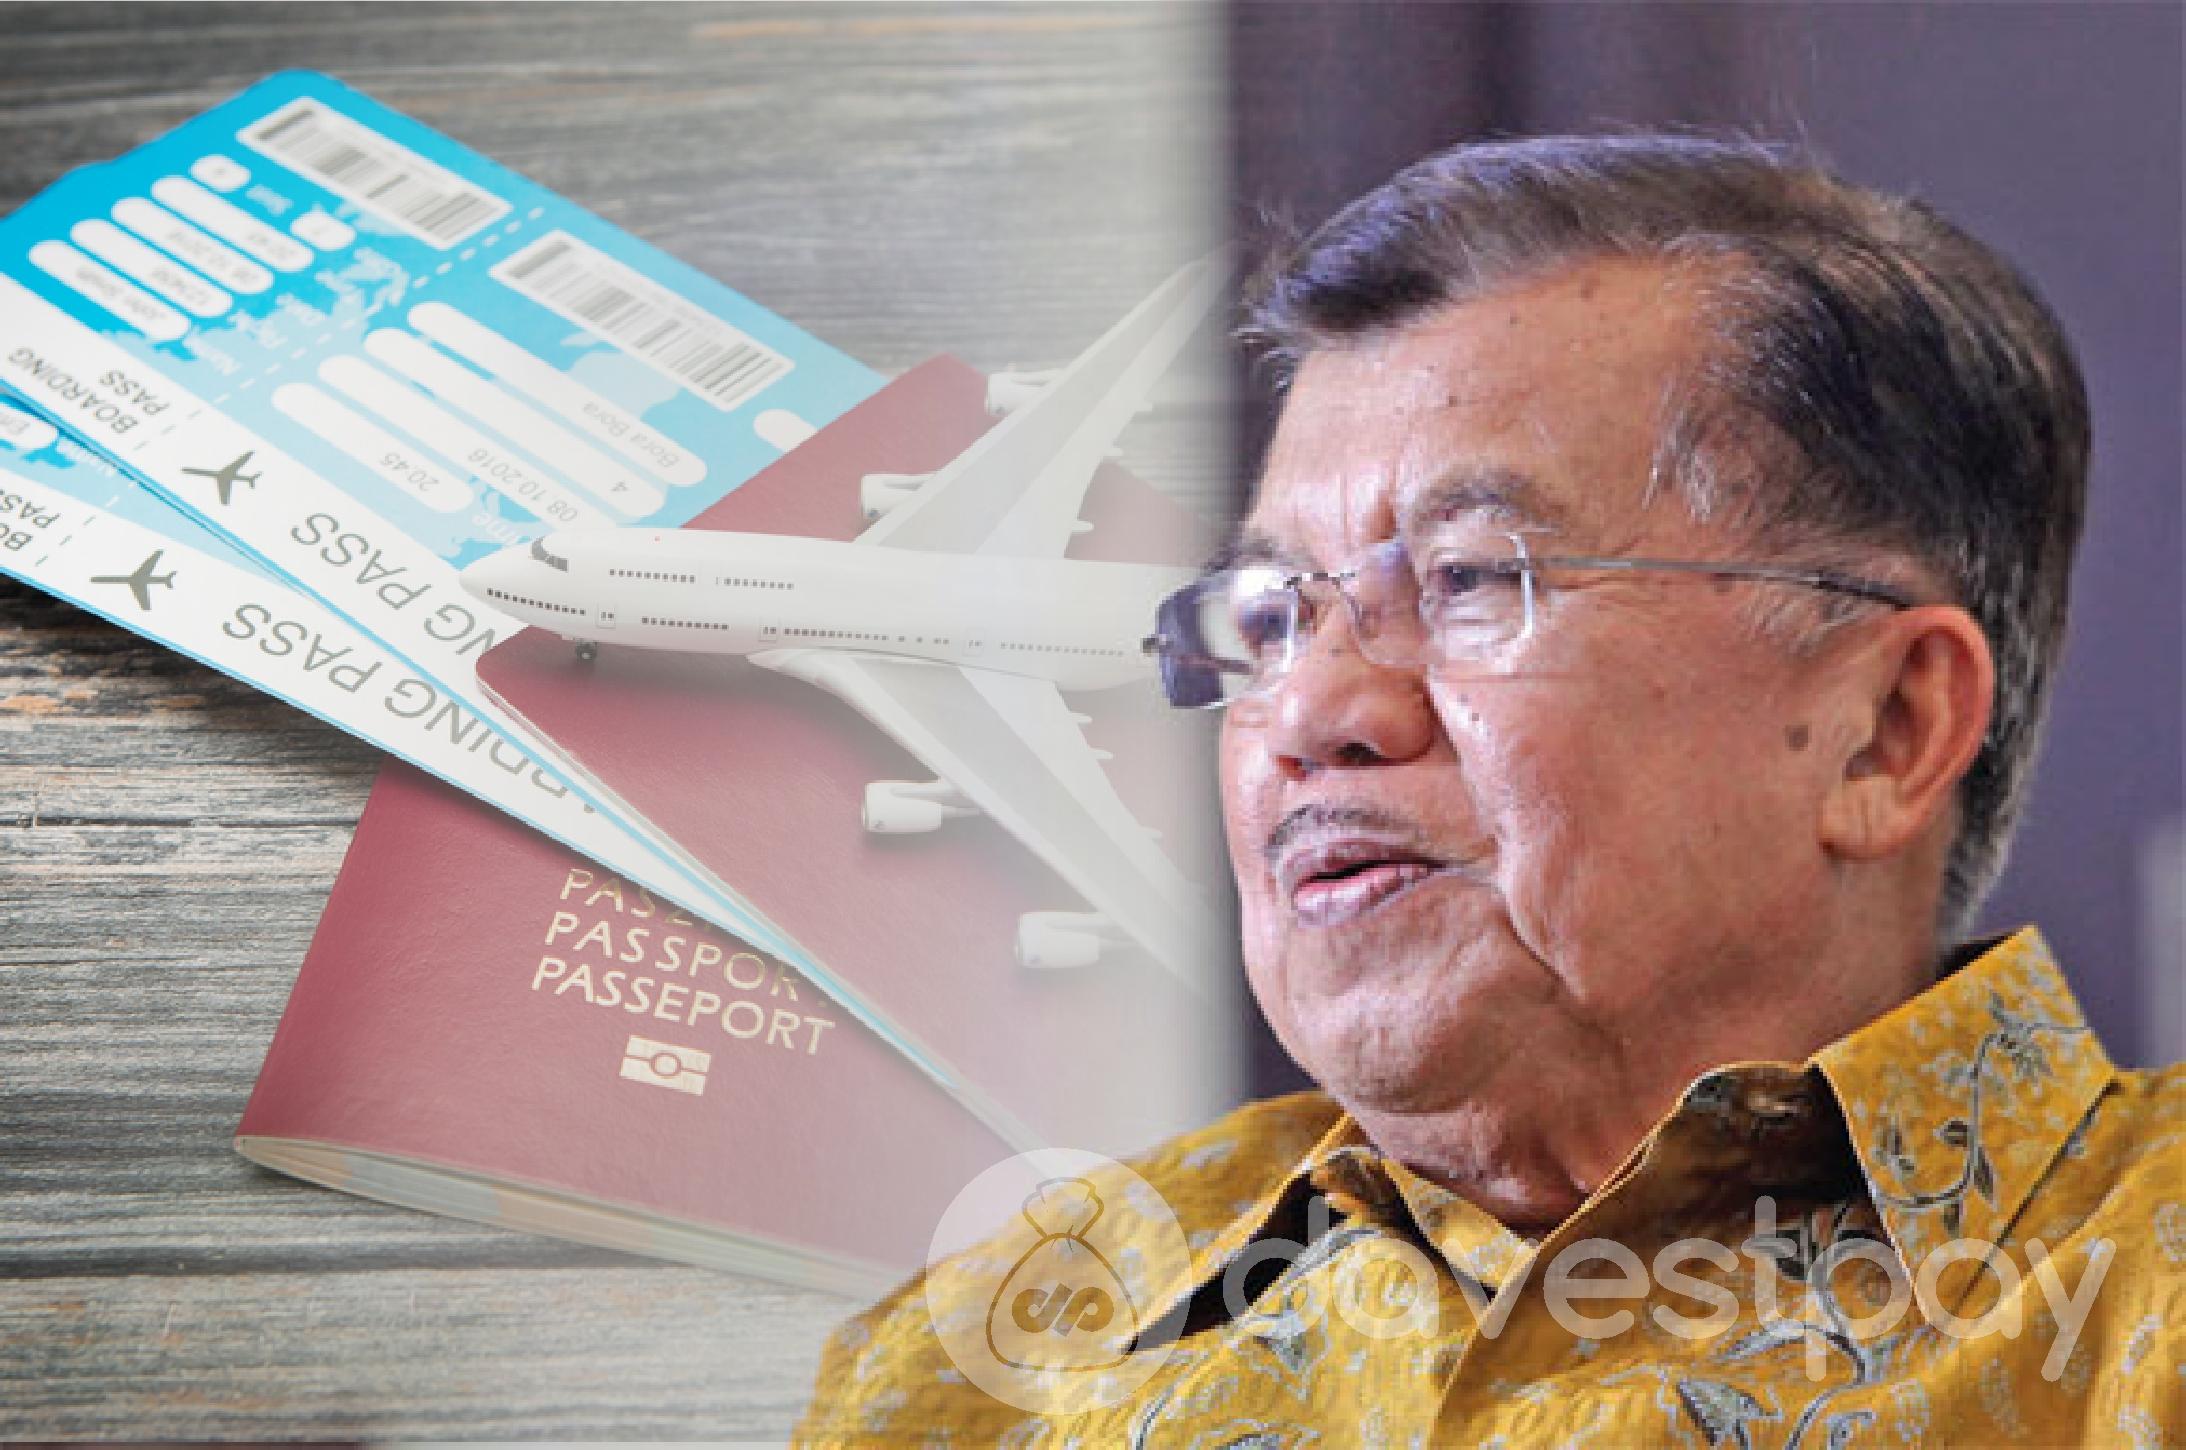 Tiket Pesawat Dinilai Mahal, Apa Tanggapan JK ?